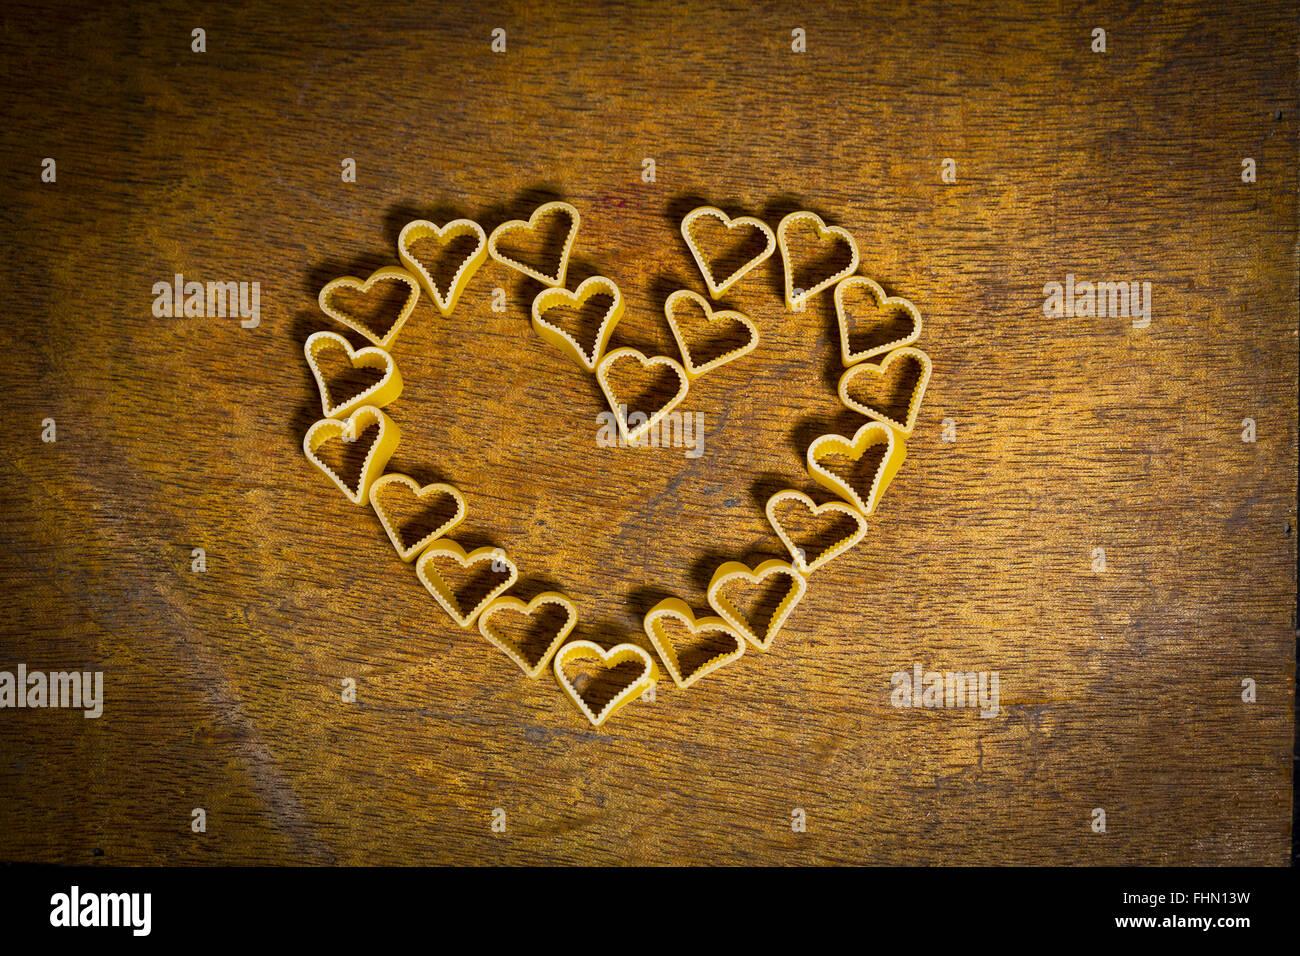 Herzförmige Nudeln bilden ein Herz auf Holz Stockfoto